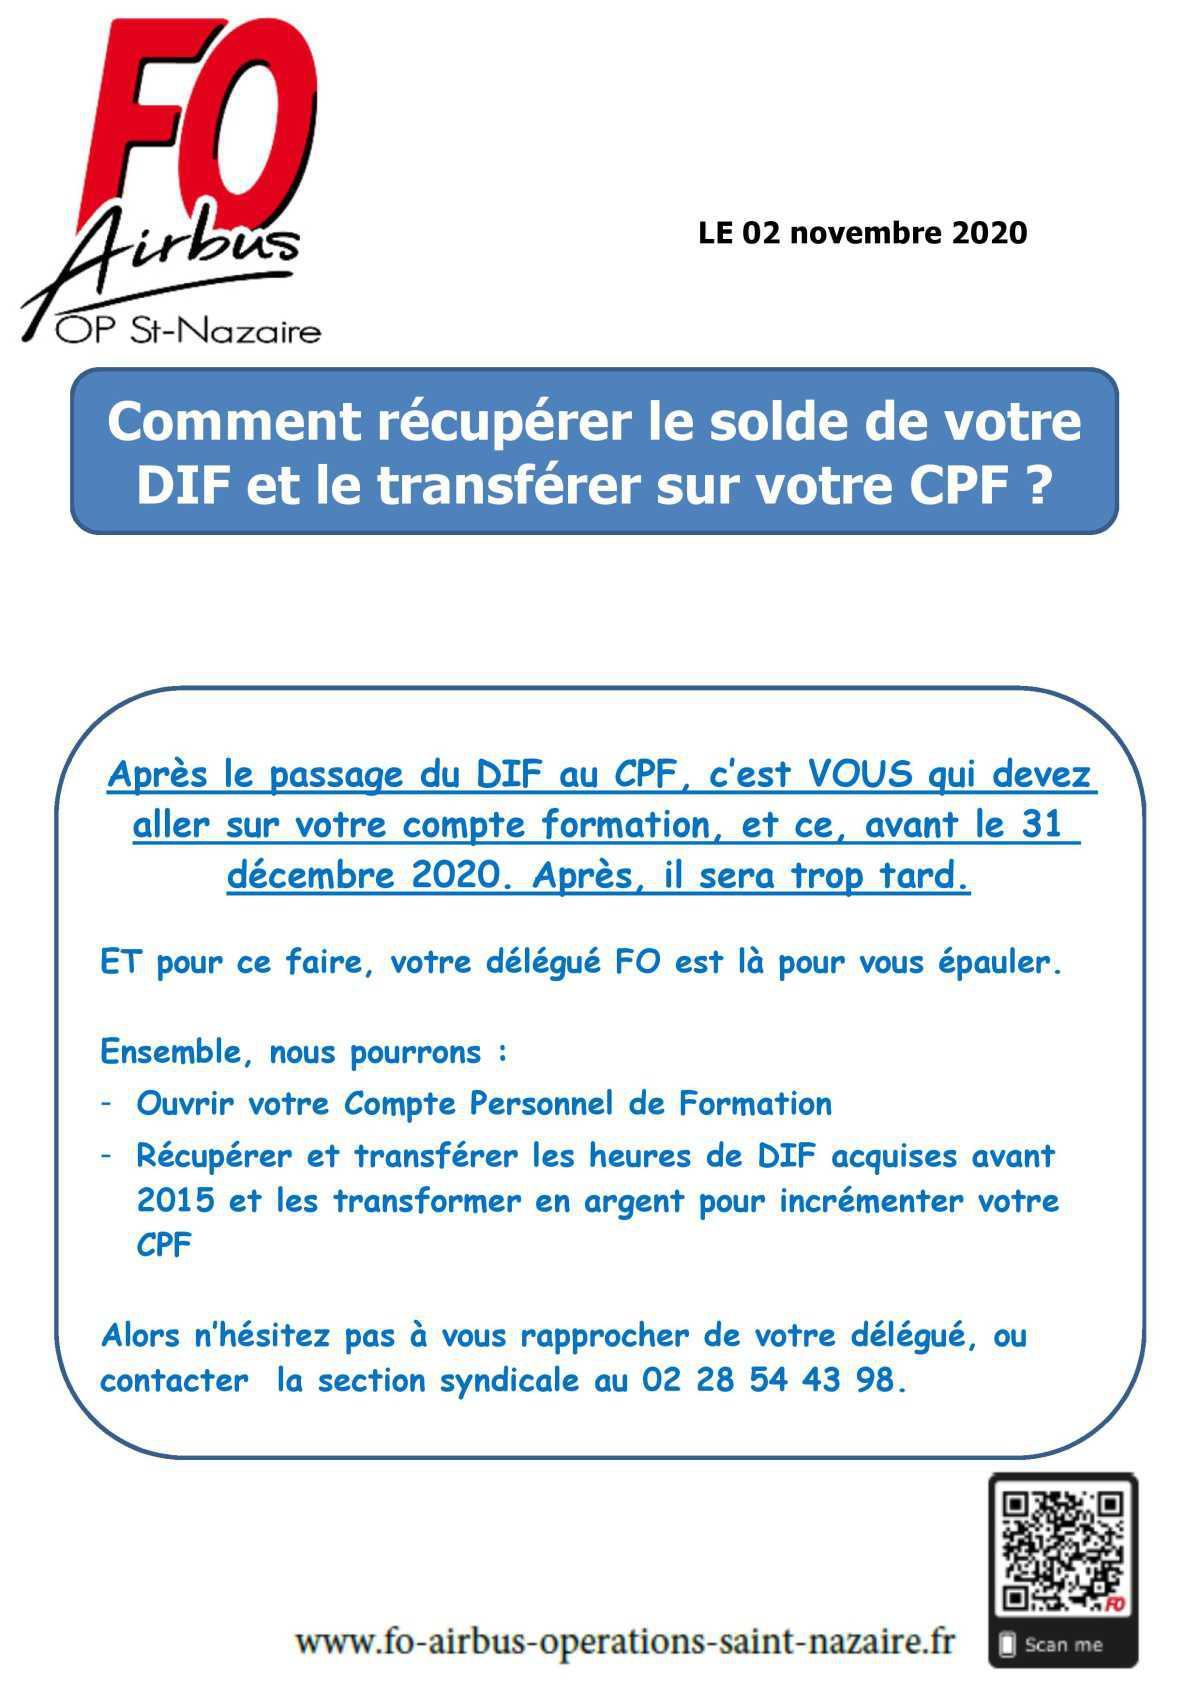 Utilisation du CPF et récupération des heures de DIF